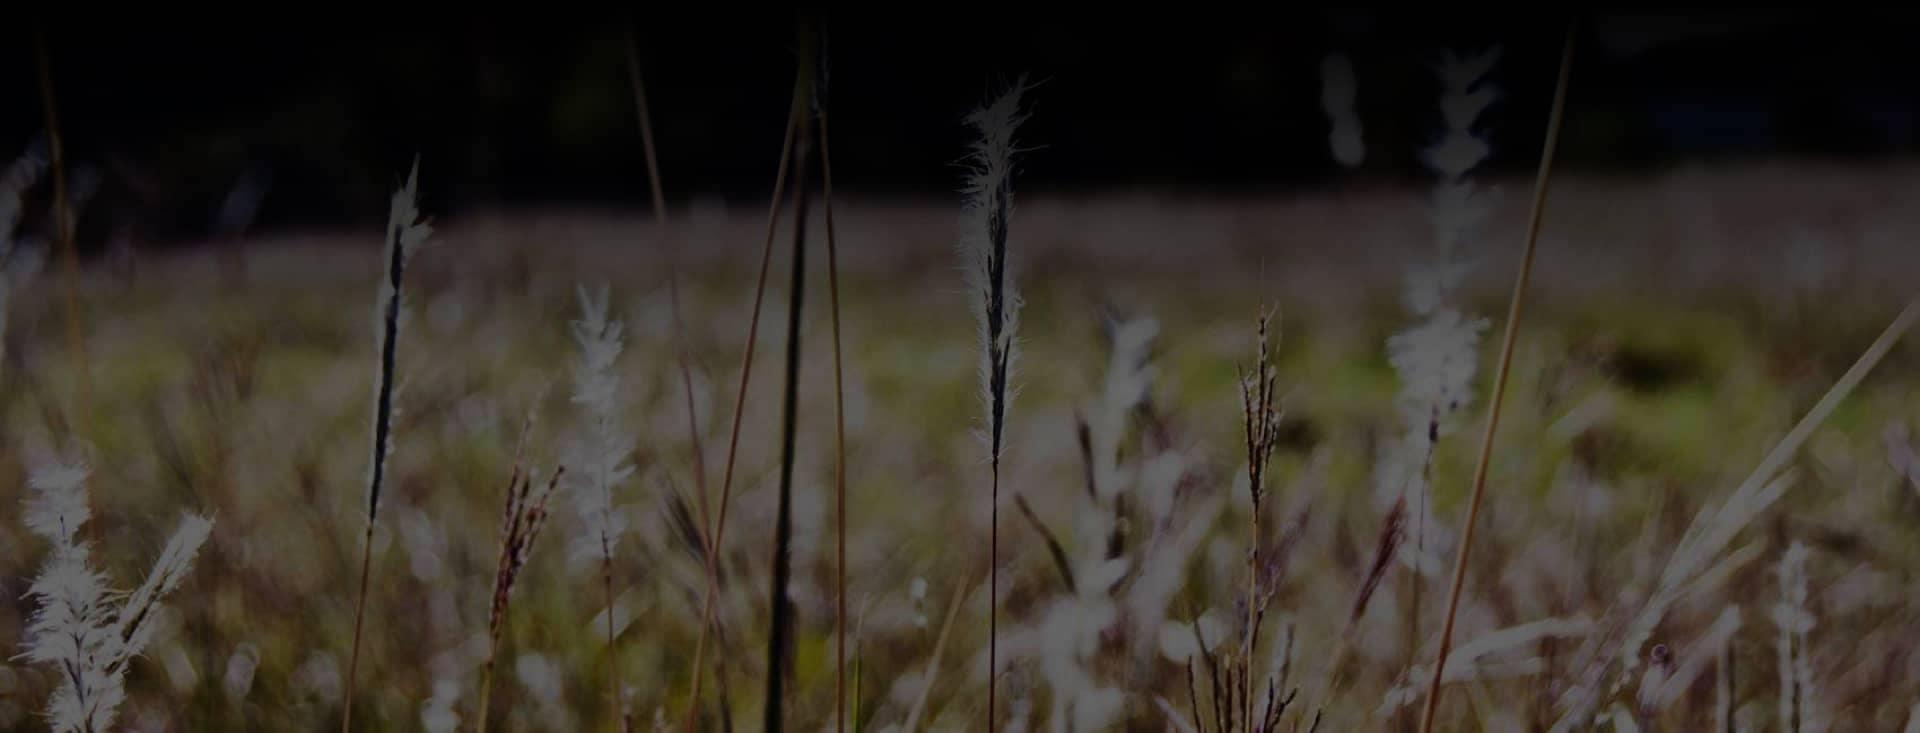 Cedar Park Nissan field of wild grass